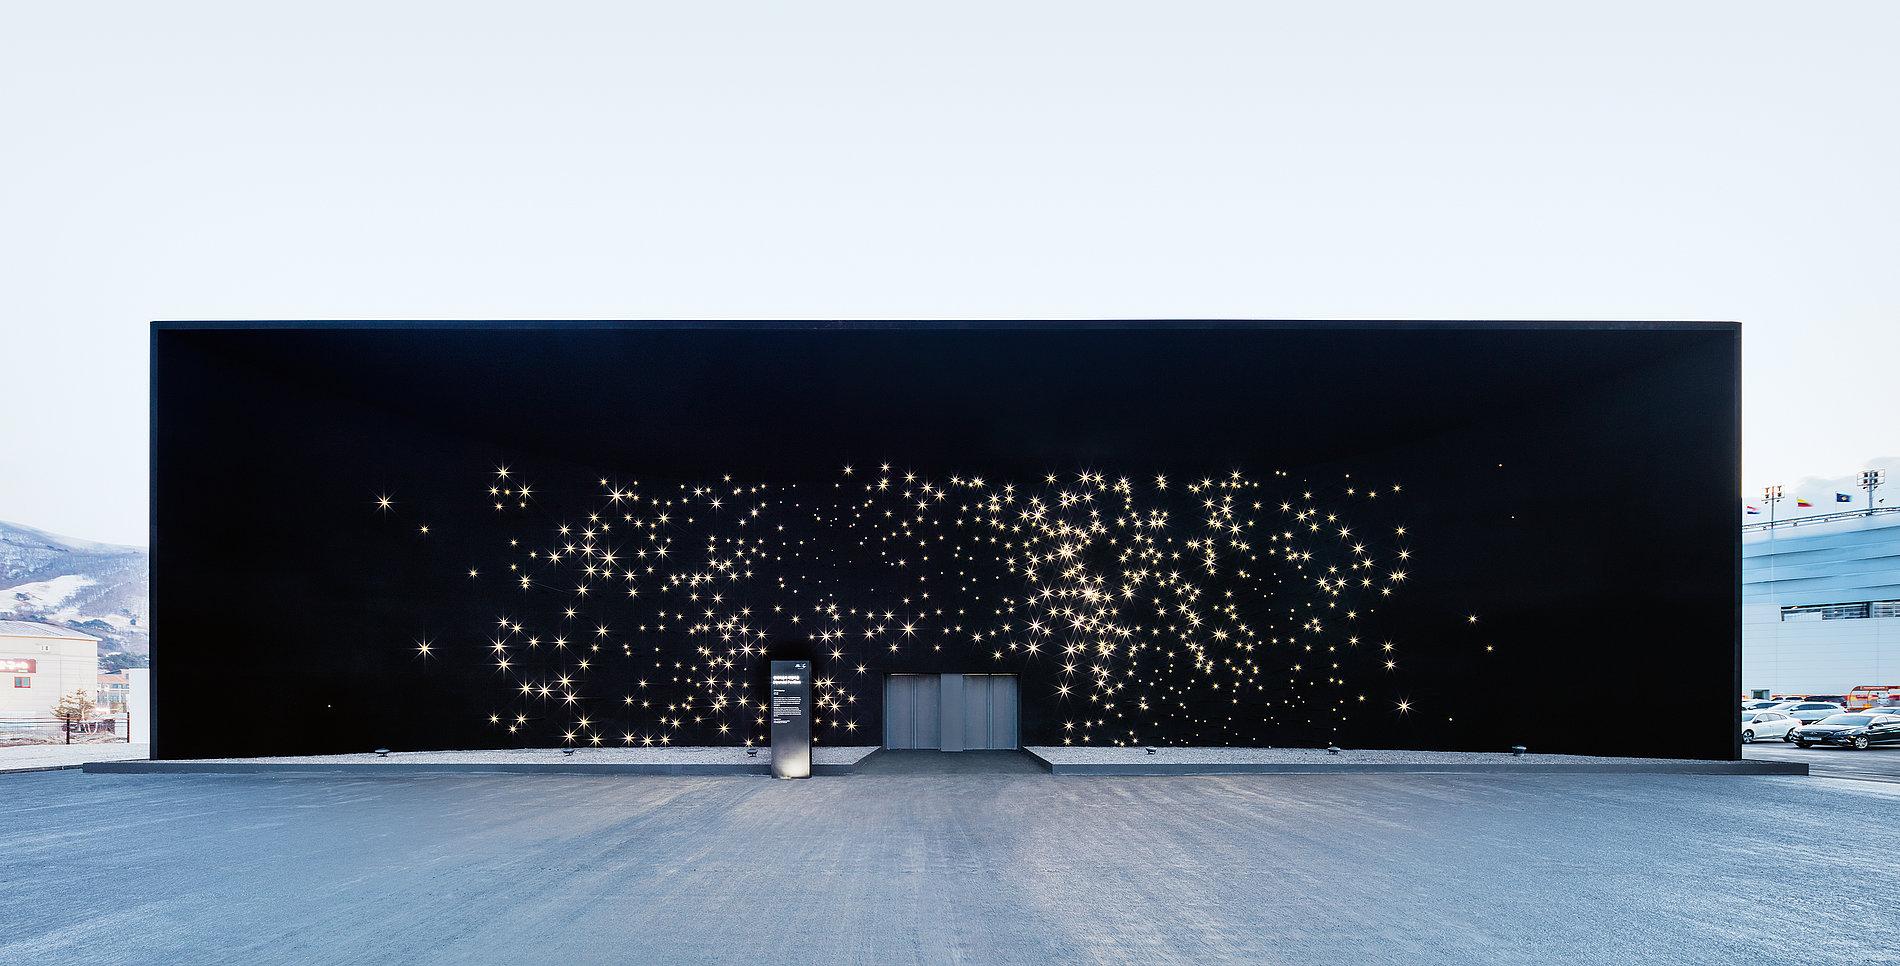 Hyundai Pavilion Pyeongchang Winter Olympics 2018 | Red Dot Design Award